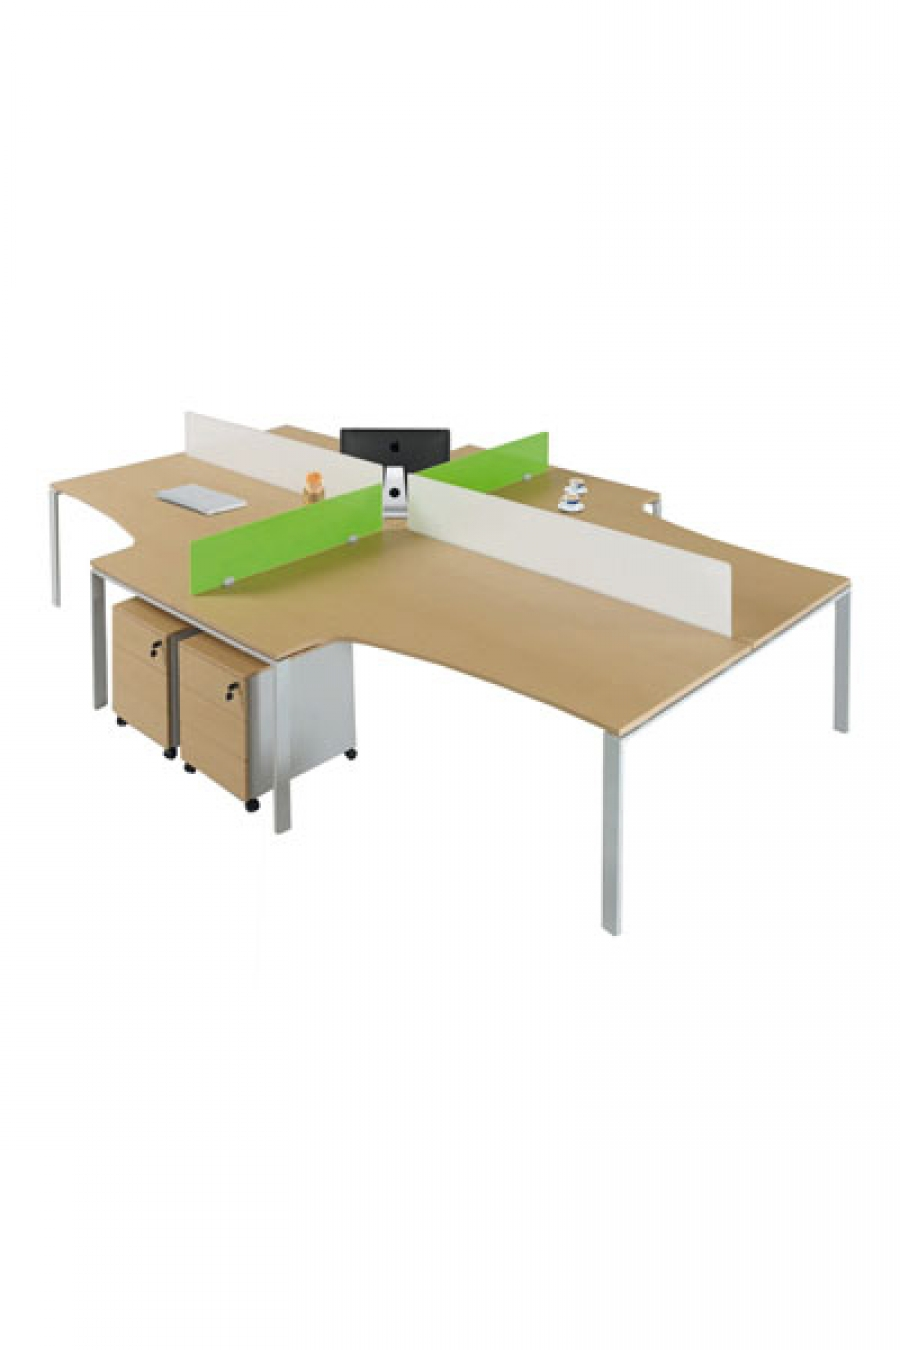 Mesas escritorios mesa escritorio cristal grendy patas Mesa escritorio carrefour